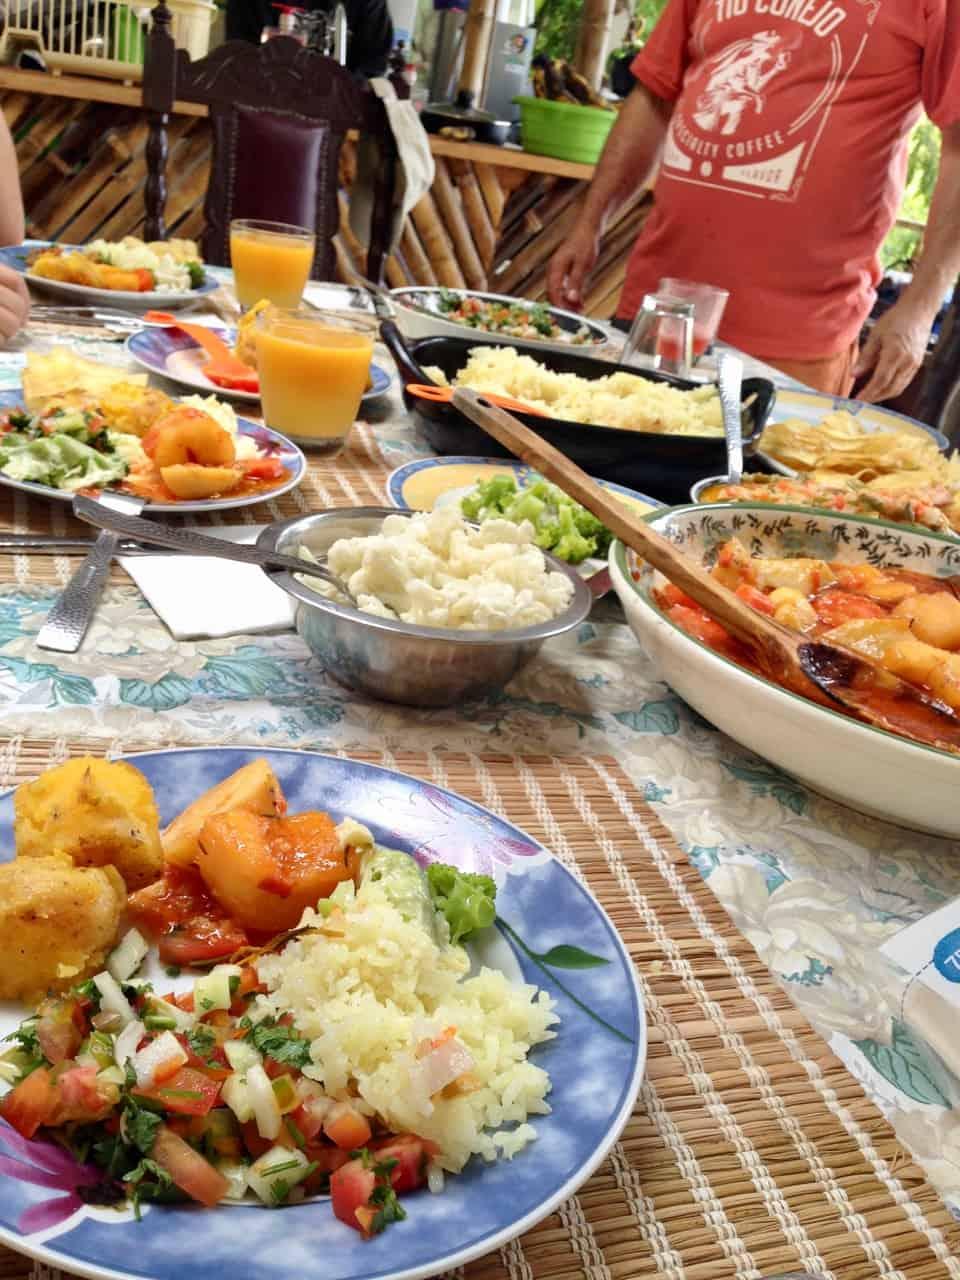 Mittagessen auf der Finca (Bild: M. Schäfer, Textrakt)